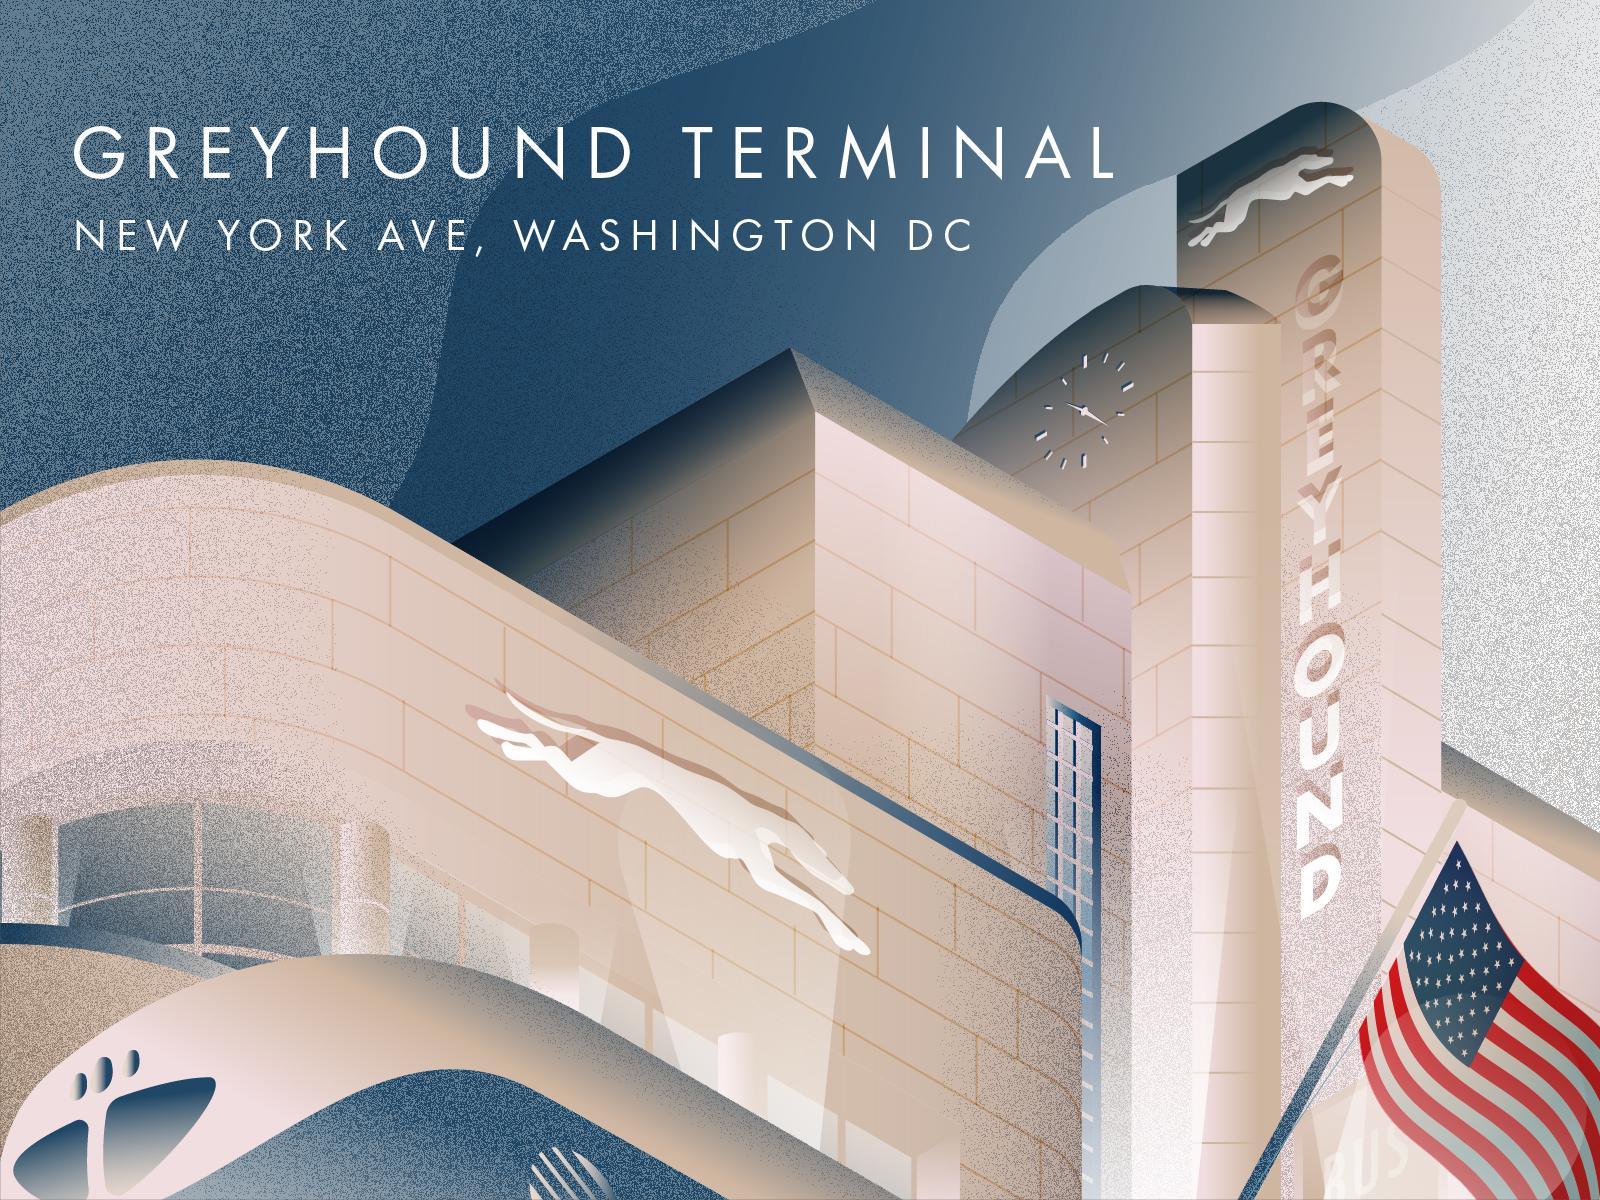 Old Greyhound Terminal - Washington D.C. greyhound isometric art isometric illustration illustration architecture art deco